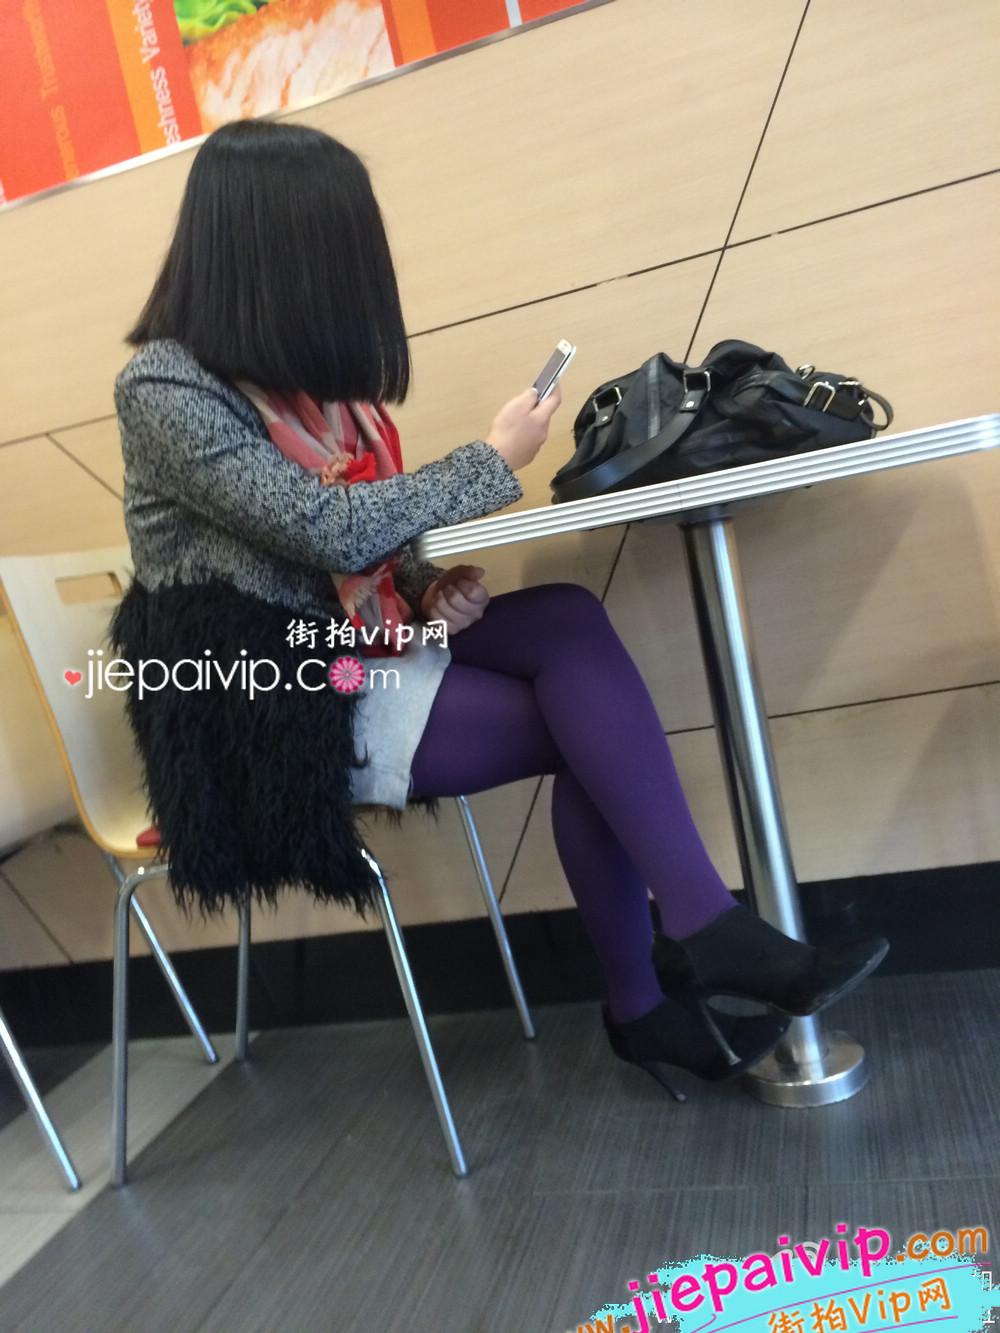 肯德基偶遇,街拍紫色丝袜高跟少妇10